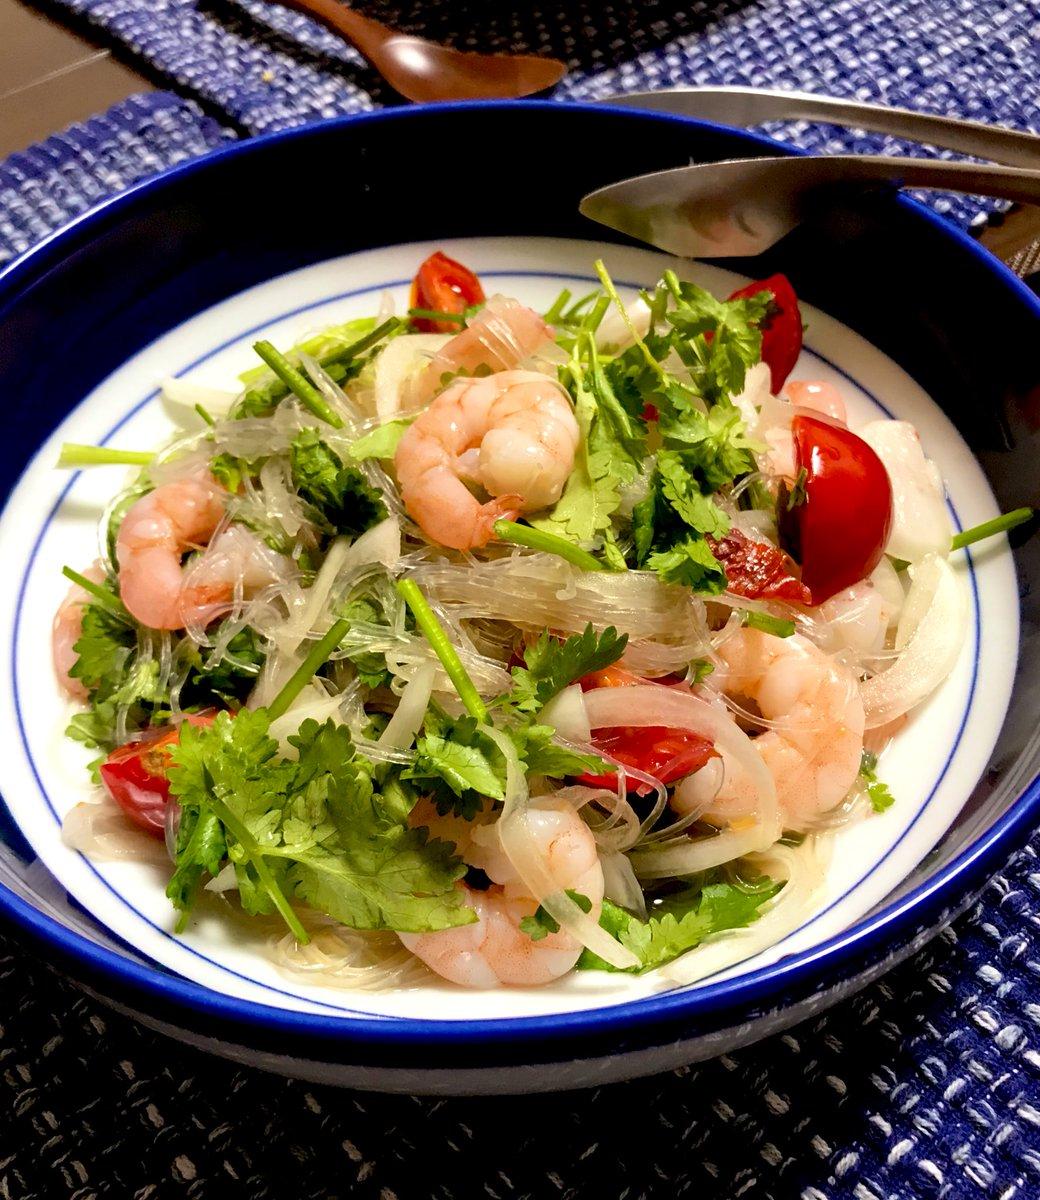 春雨サラダのヤムウンセン、いつも美味しい美味しいとあっと言う間に無くなるでrecipeをシェアします☺️#料理好きな人と繋がりたい#お腹ペコリン部#タイ料理#ヤムウンセン#グリーンカレー #春雨サラダ